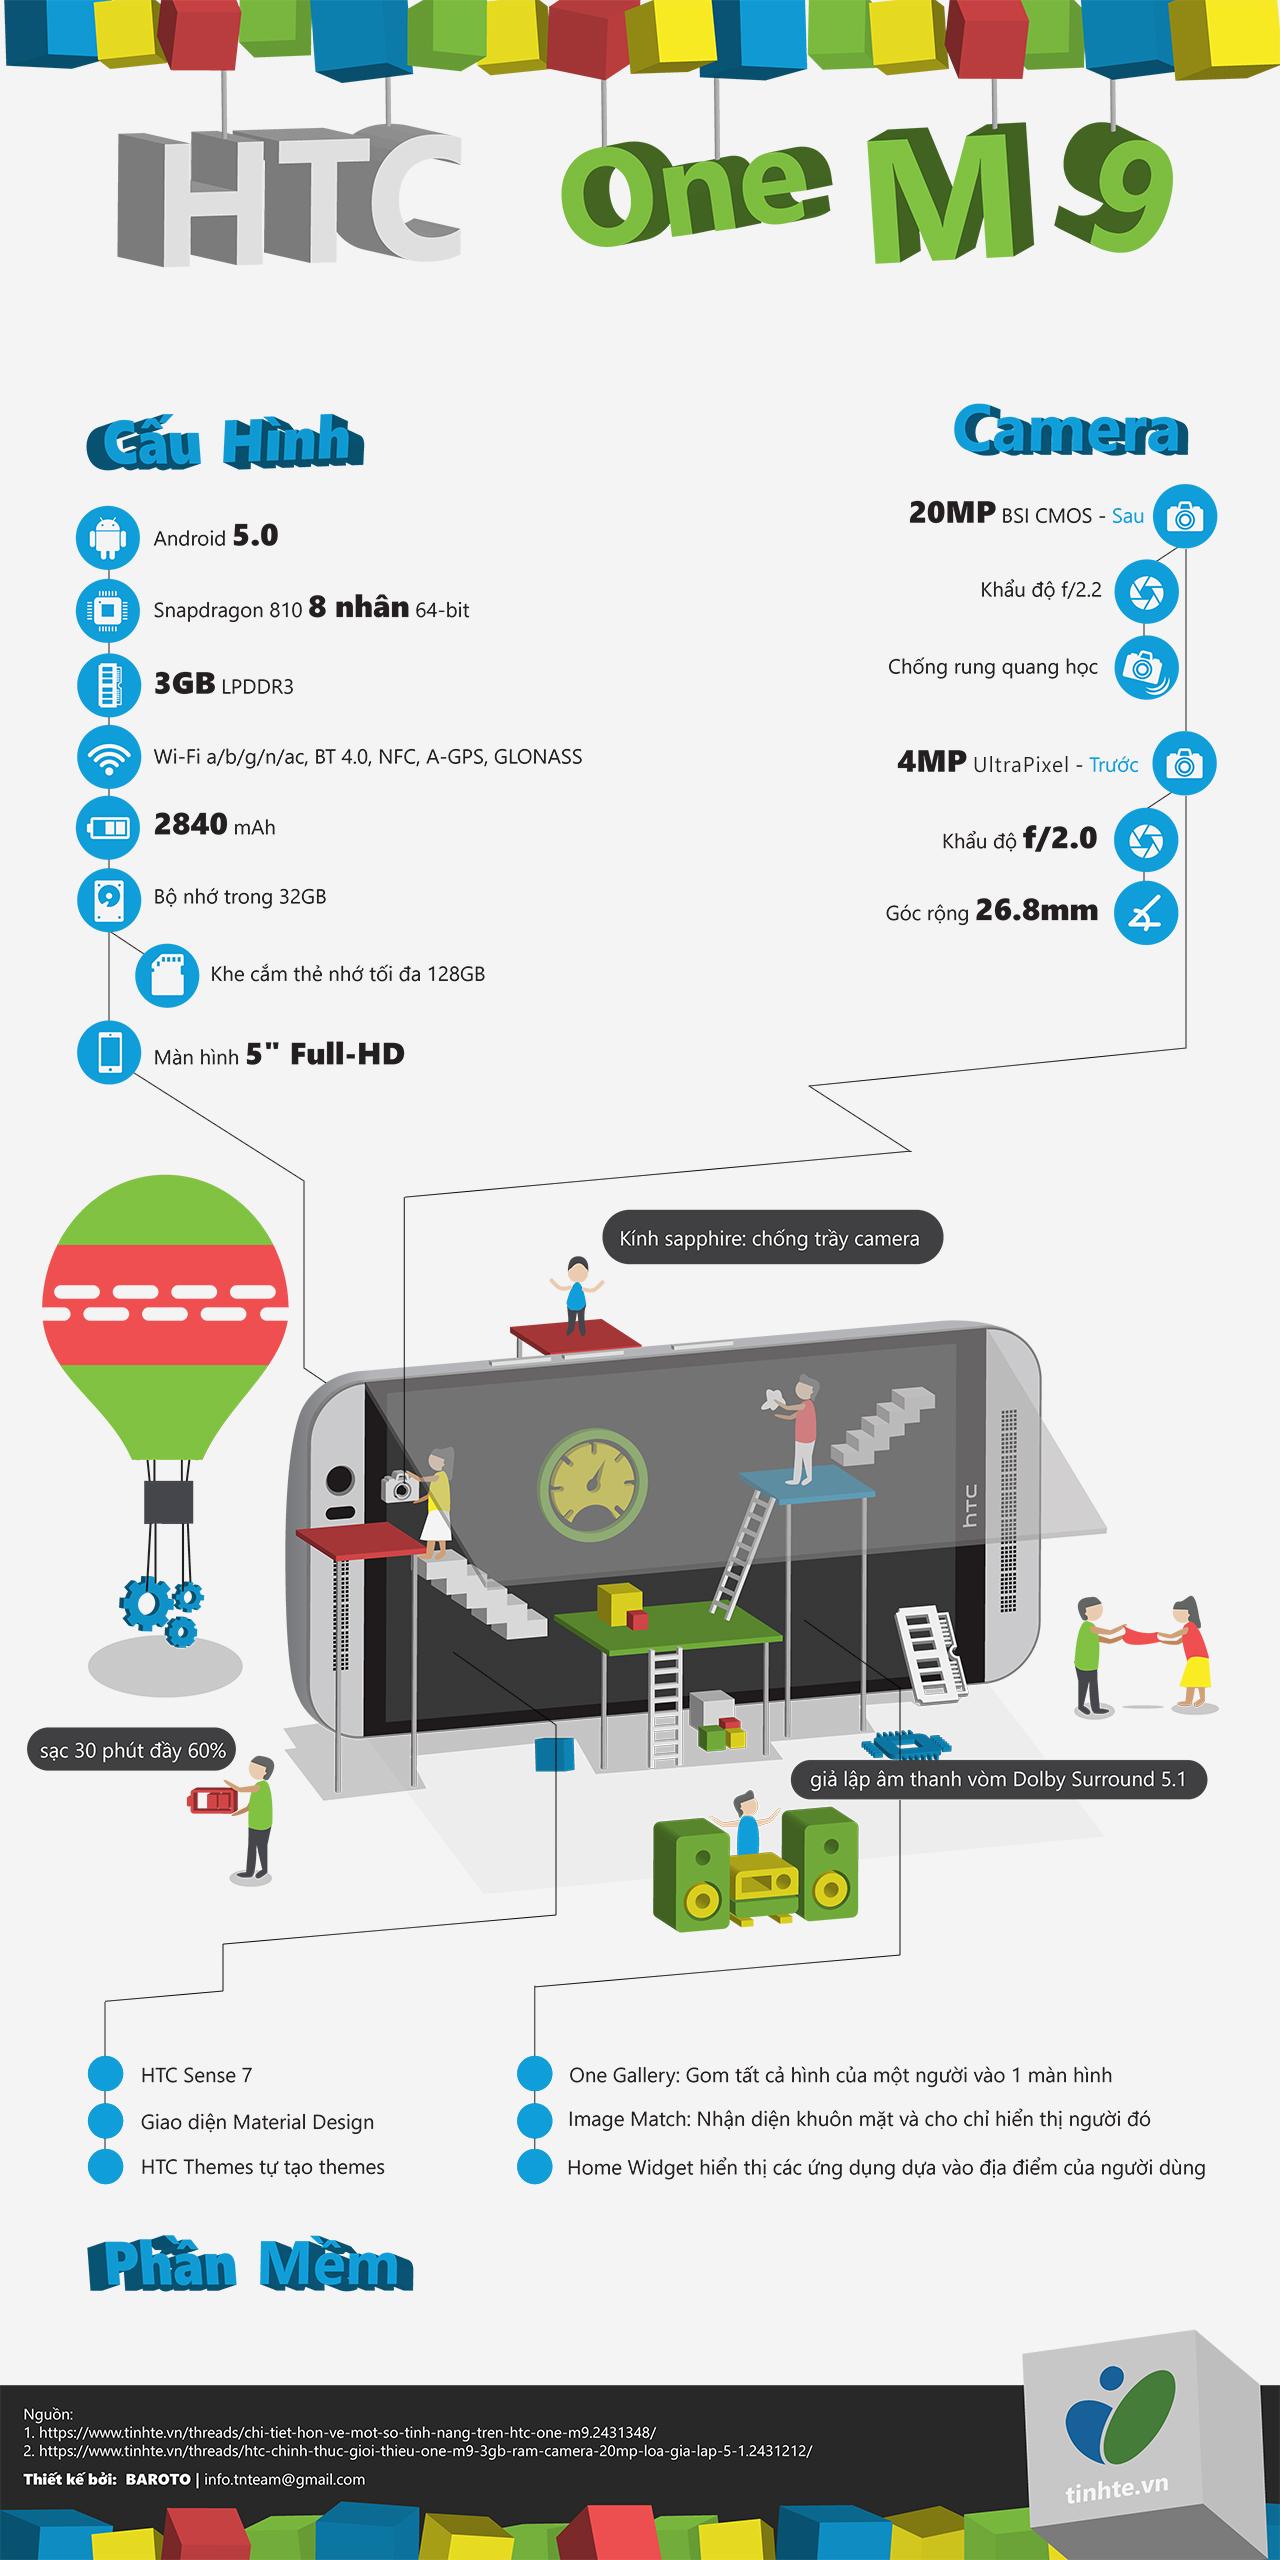 [Infographic] Đôi nét về HTC One M9